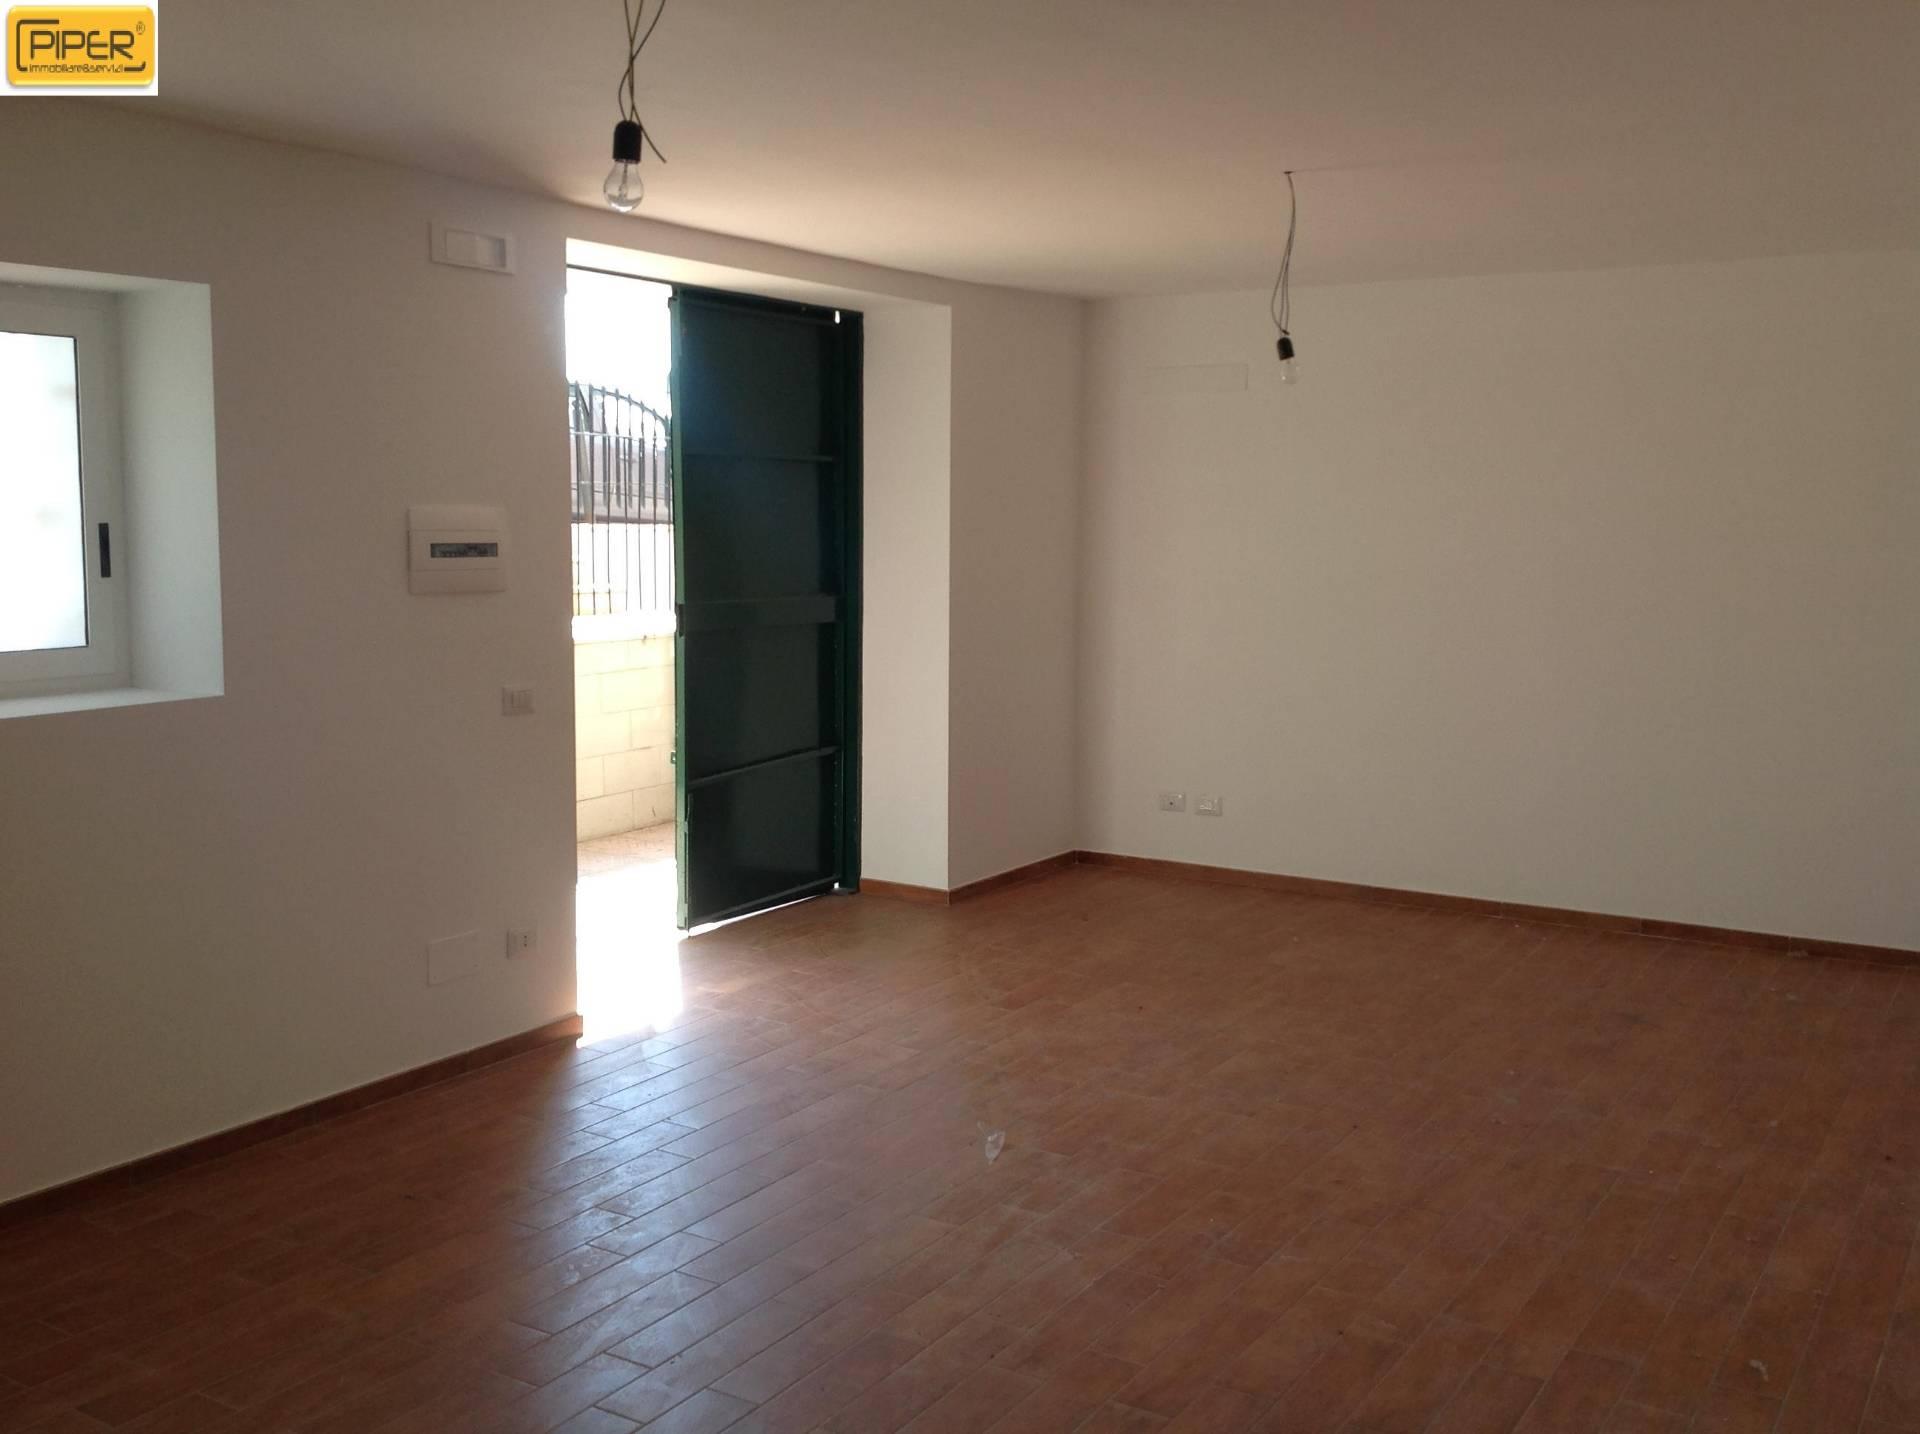 Negozio / Locale in affitto a Pozzuoli, 9999 locali, zona Località: PozzuoliSolfatara, prezzo € 450 | CambioCasa.it